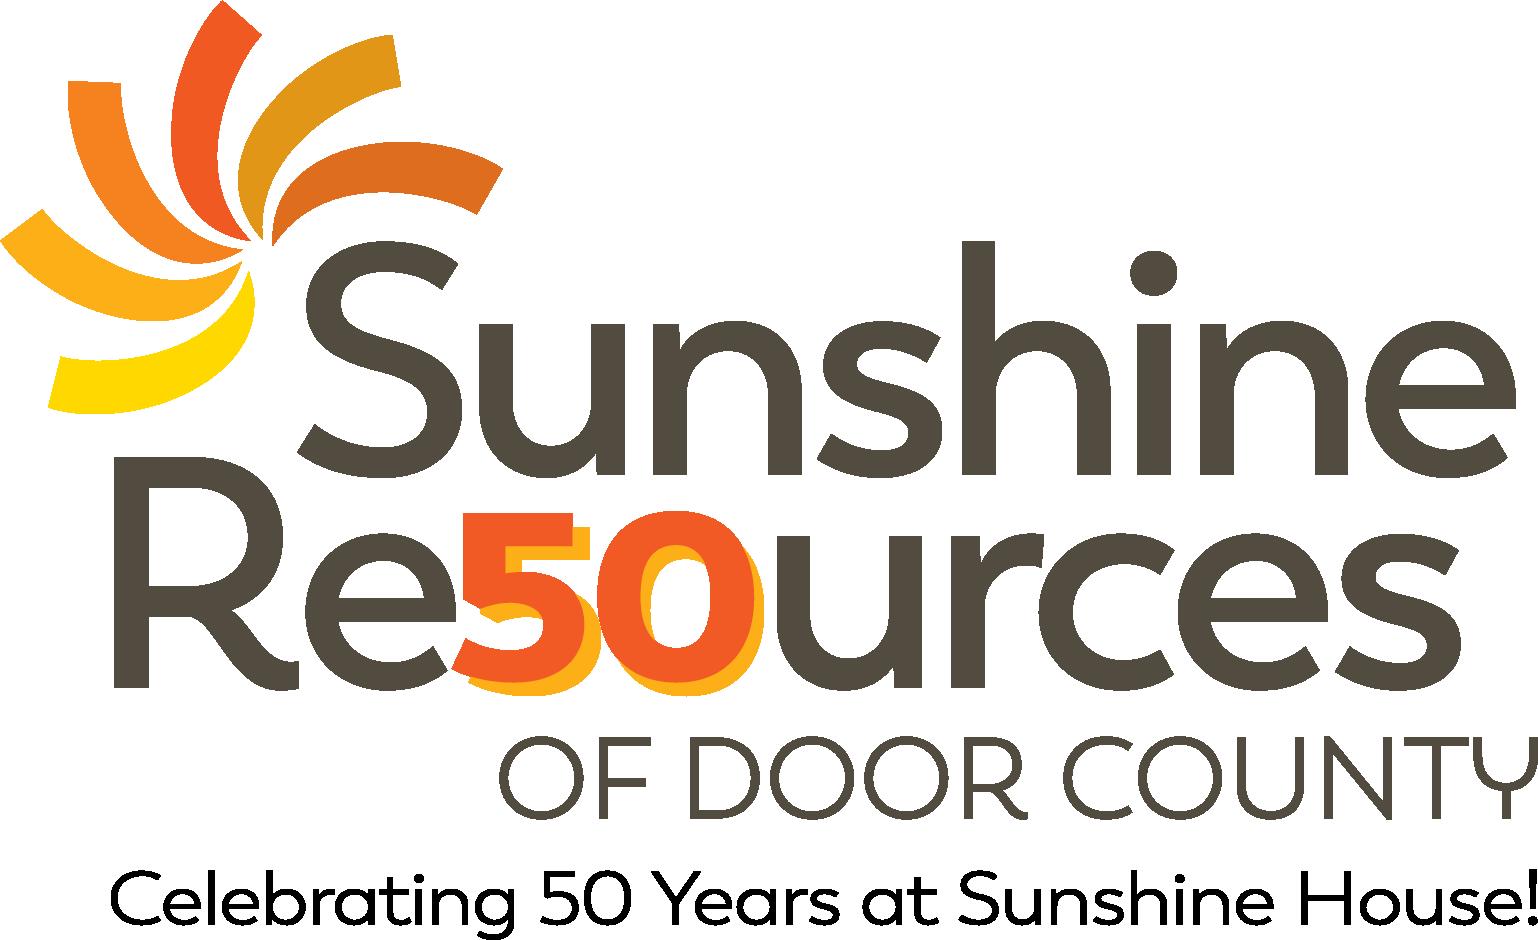 Sunshine Resources of Door County